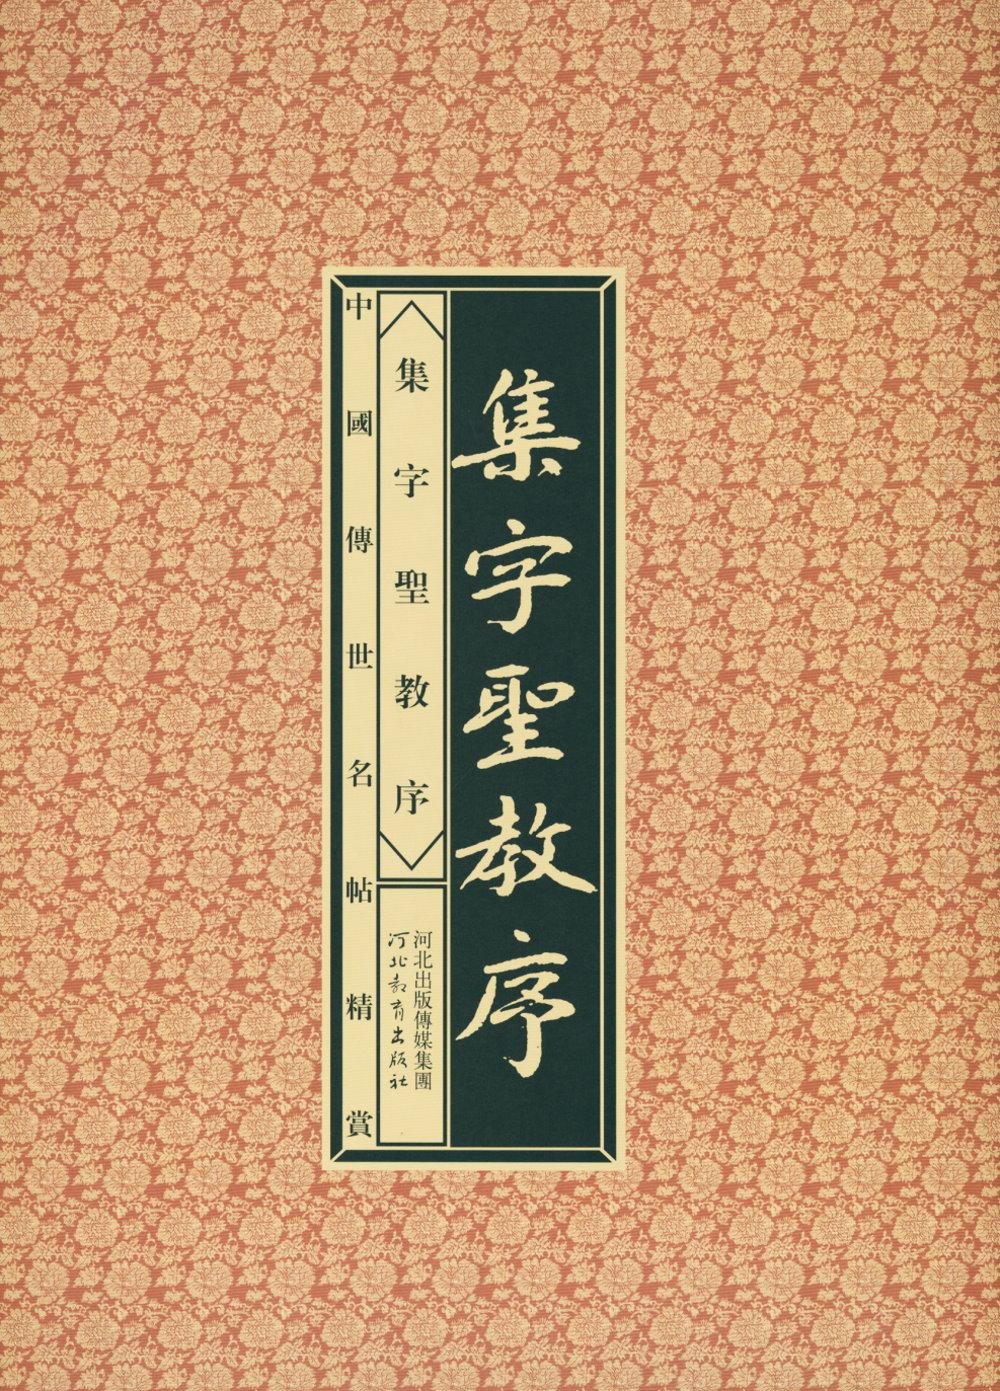 中國傳世名帖精賞·集字聖教序